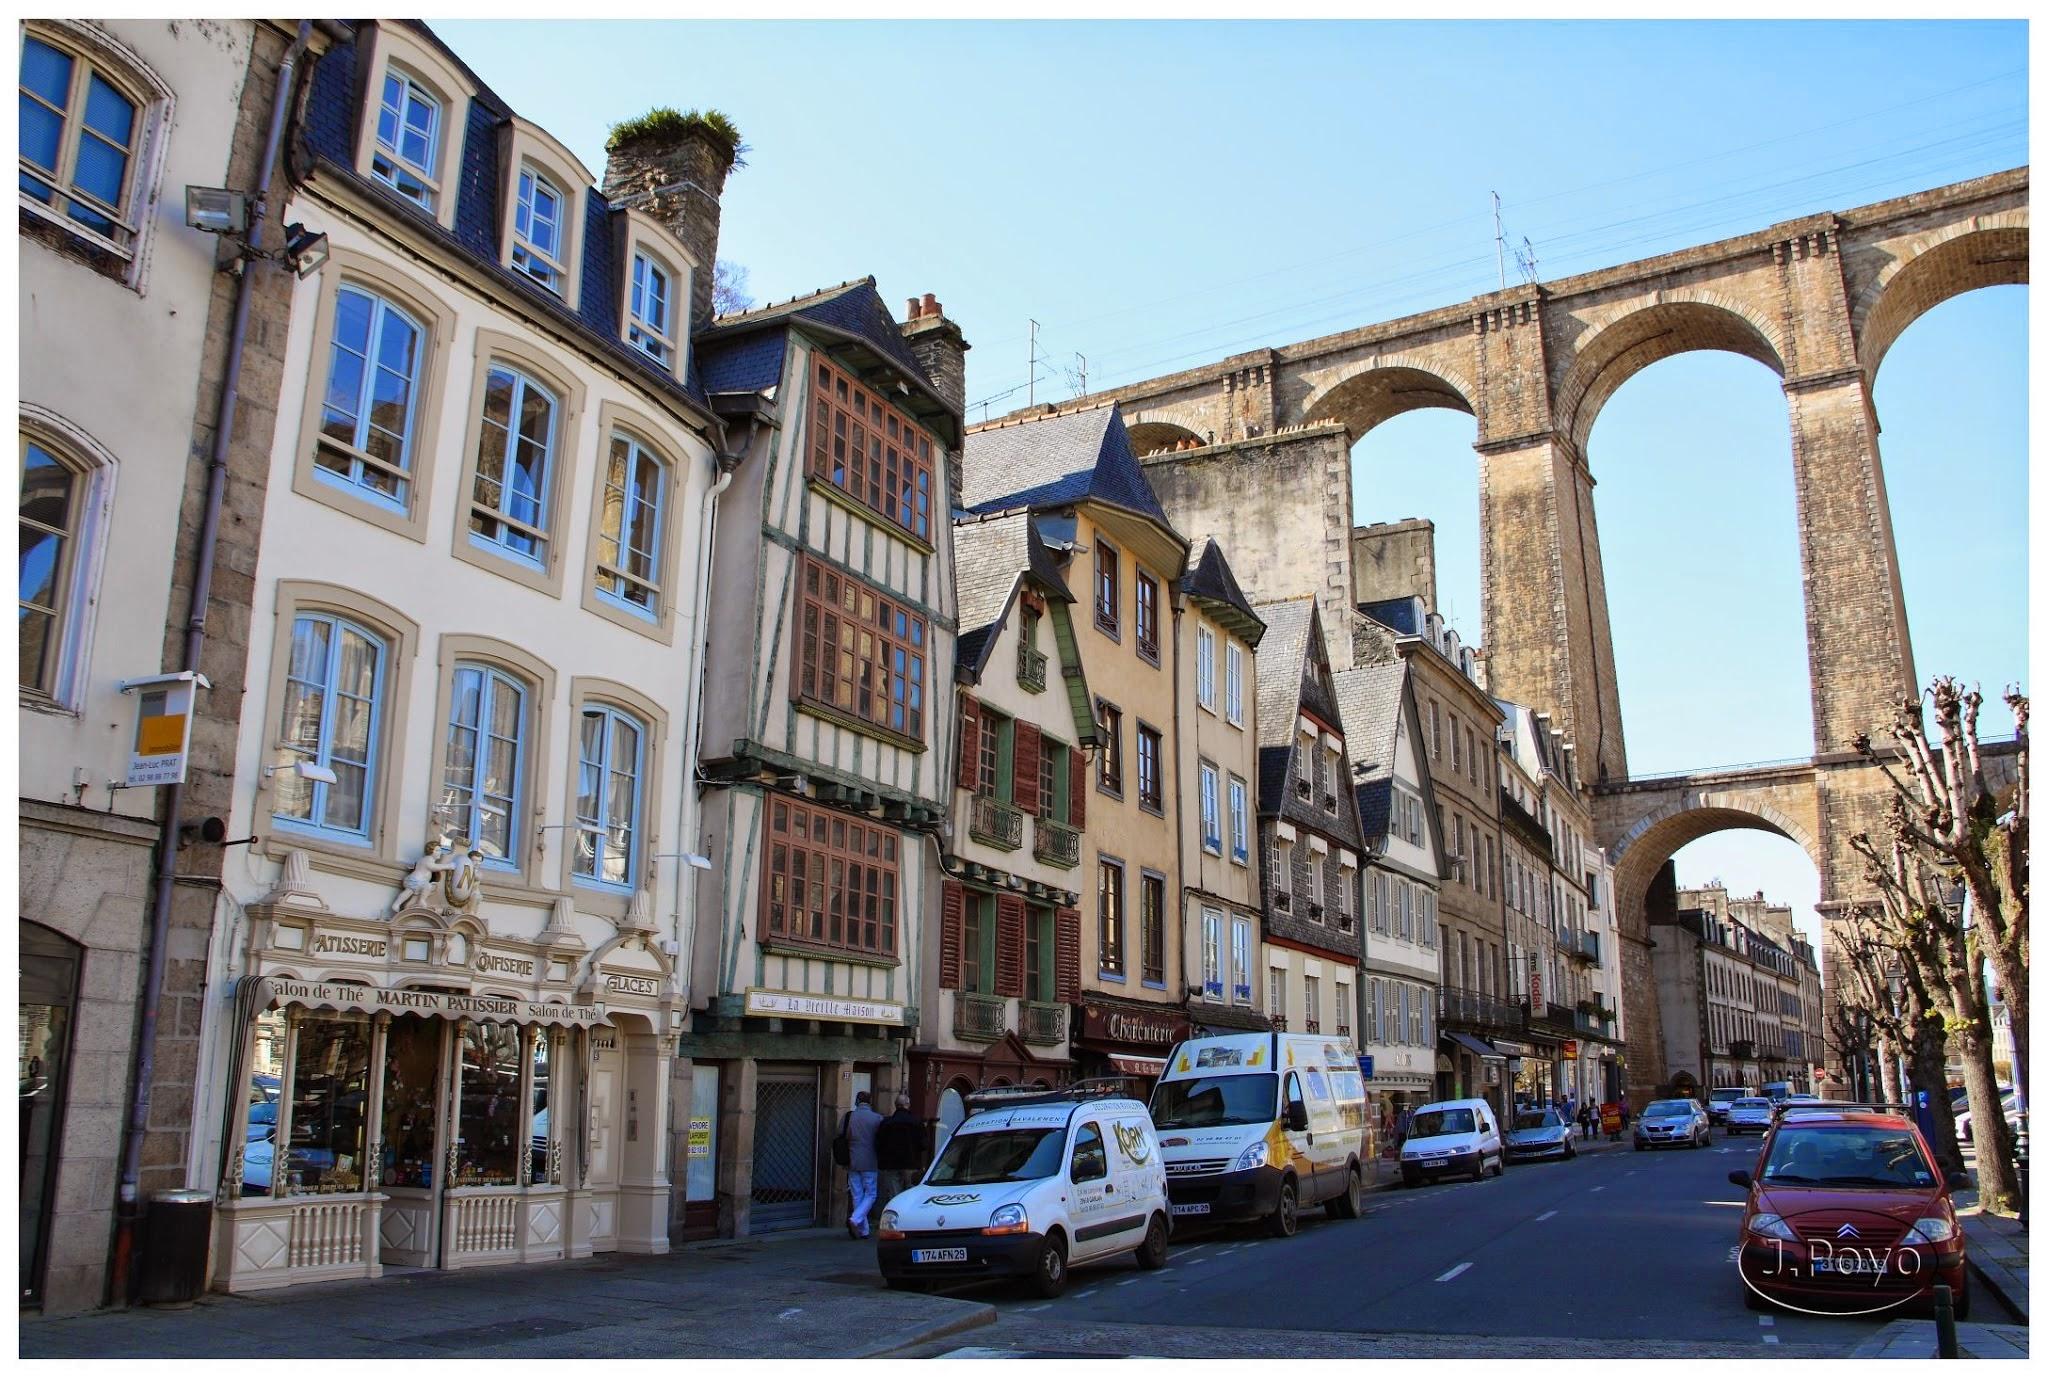 Ruta en coche por los lugares más bonitos de Bretaña: Morlaix